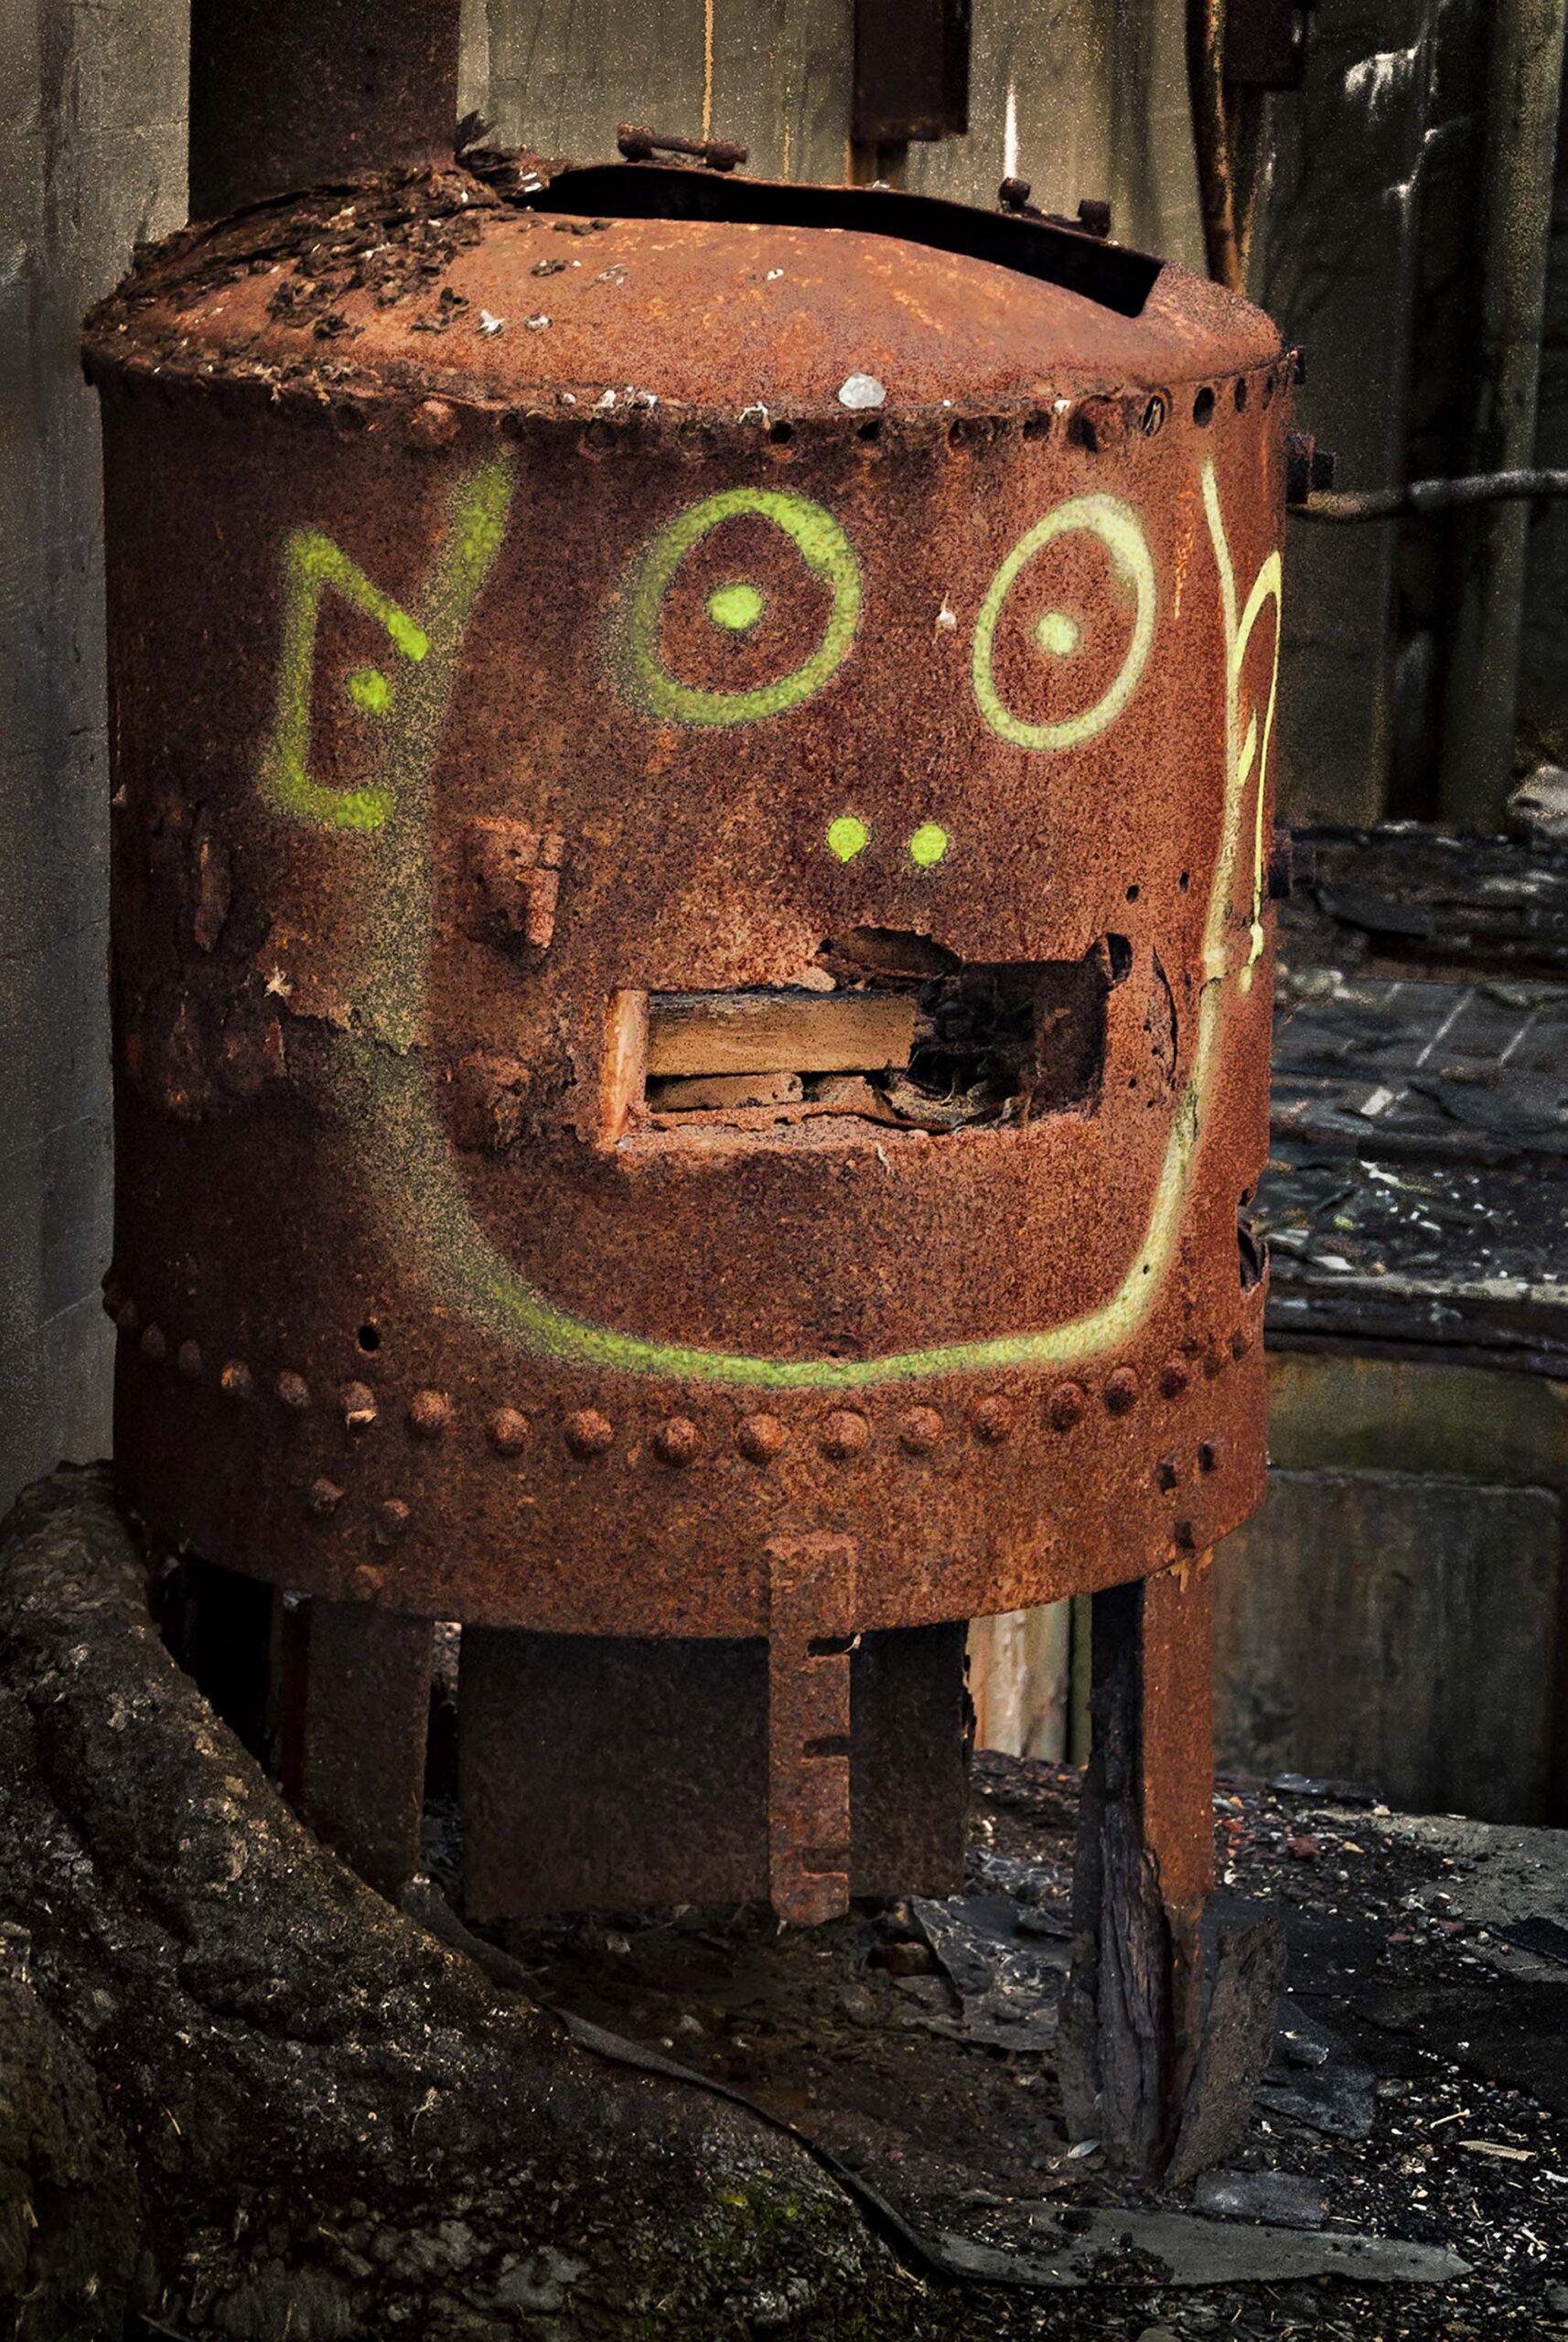 Robot Drum